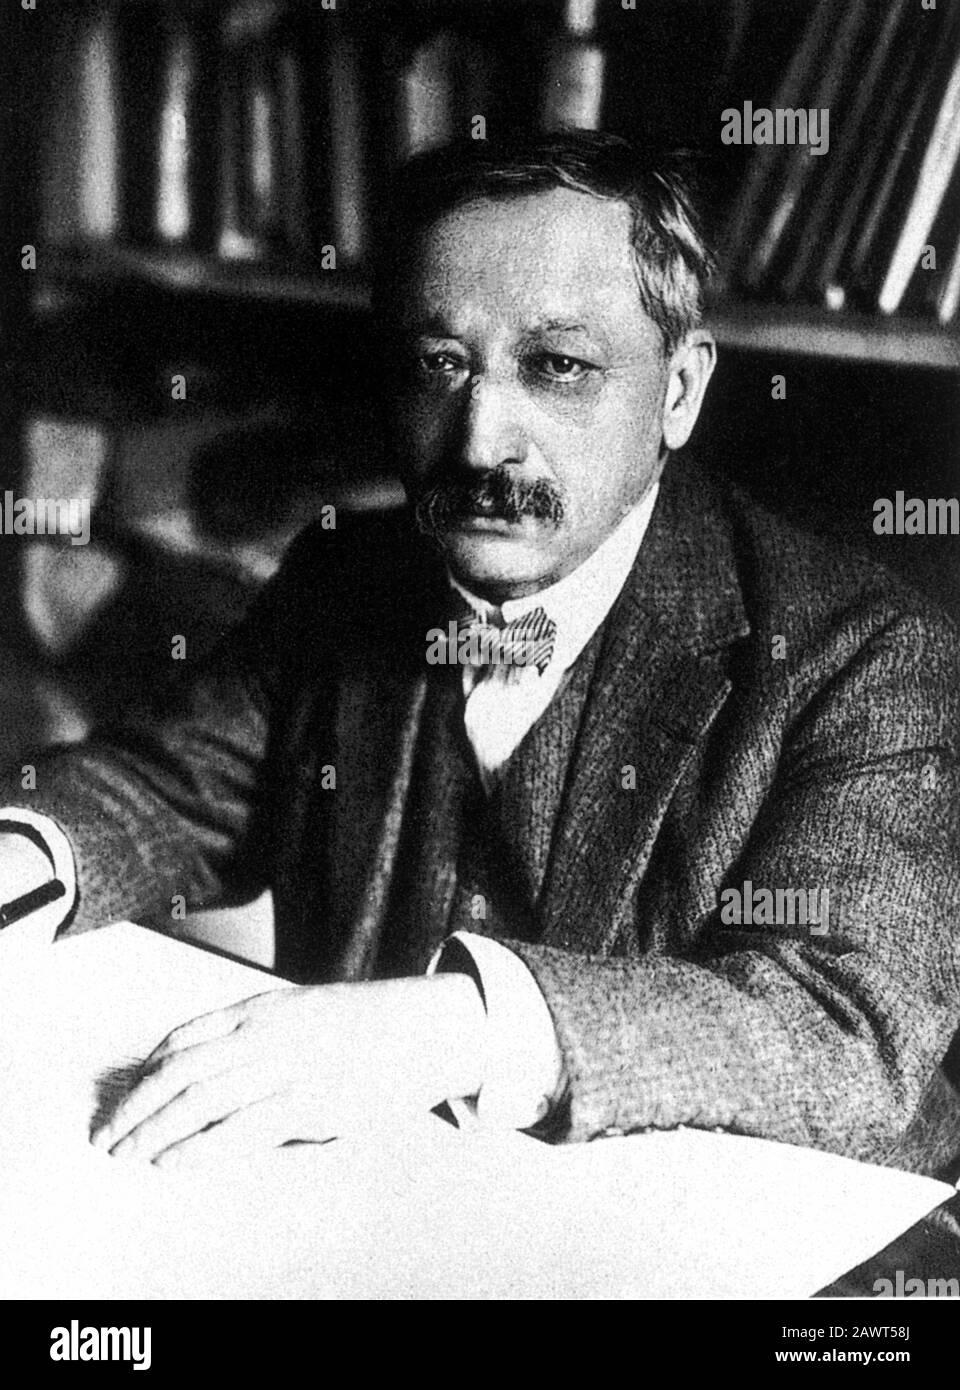 Le poète français GUSTAVE KAHN ( 1859 - 1936 ) , inventeur autostylisé du verset libre - POETA - POÉSIE - POÉSIE - letteratura - littérature - letterato - po Banque D'Images